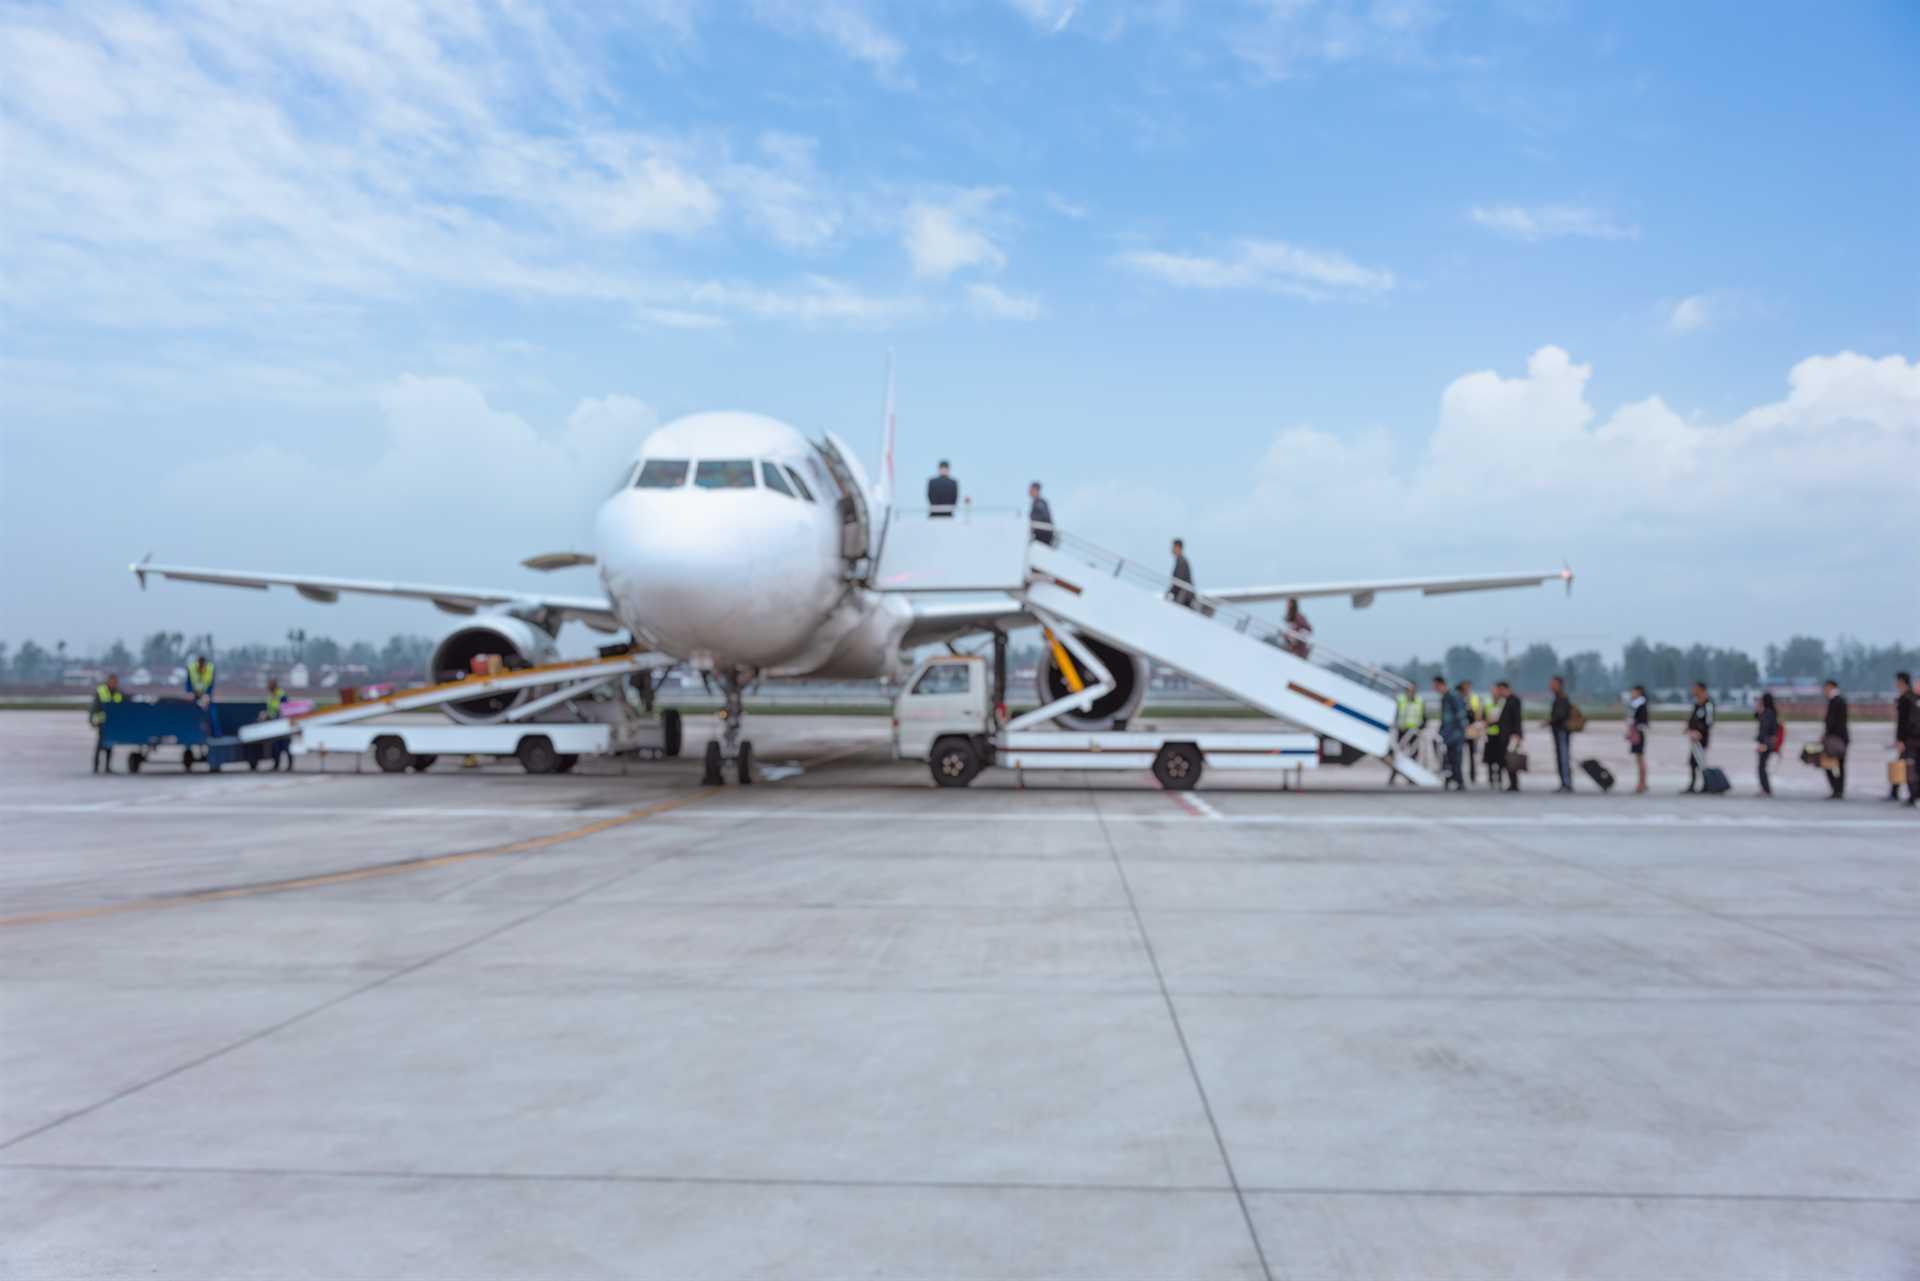 Αποφάσεις για άνοιγμα Αεροδρομίων θα καταλήξει σε Μπούμερανγκ η Επιτυχία του Τουρισμού και της Οικονομίας ?